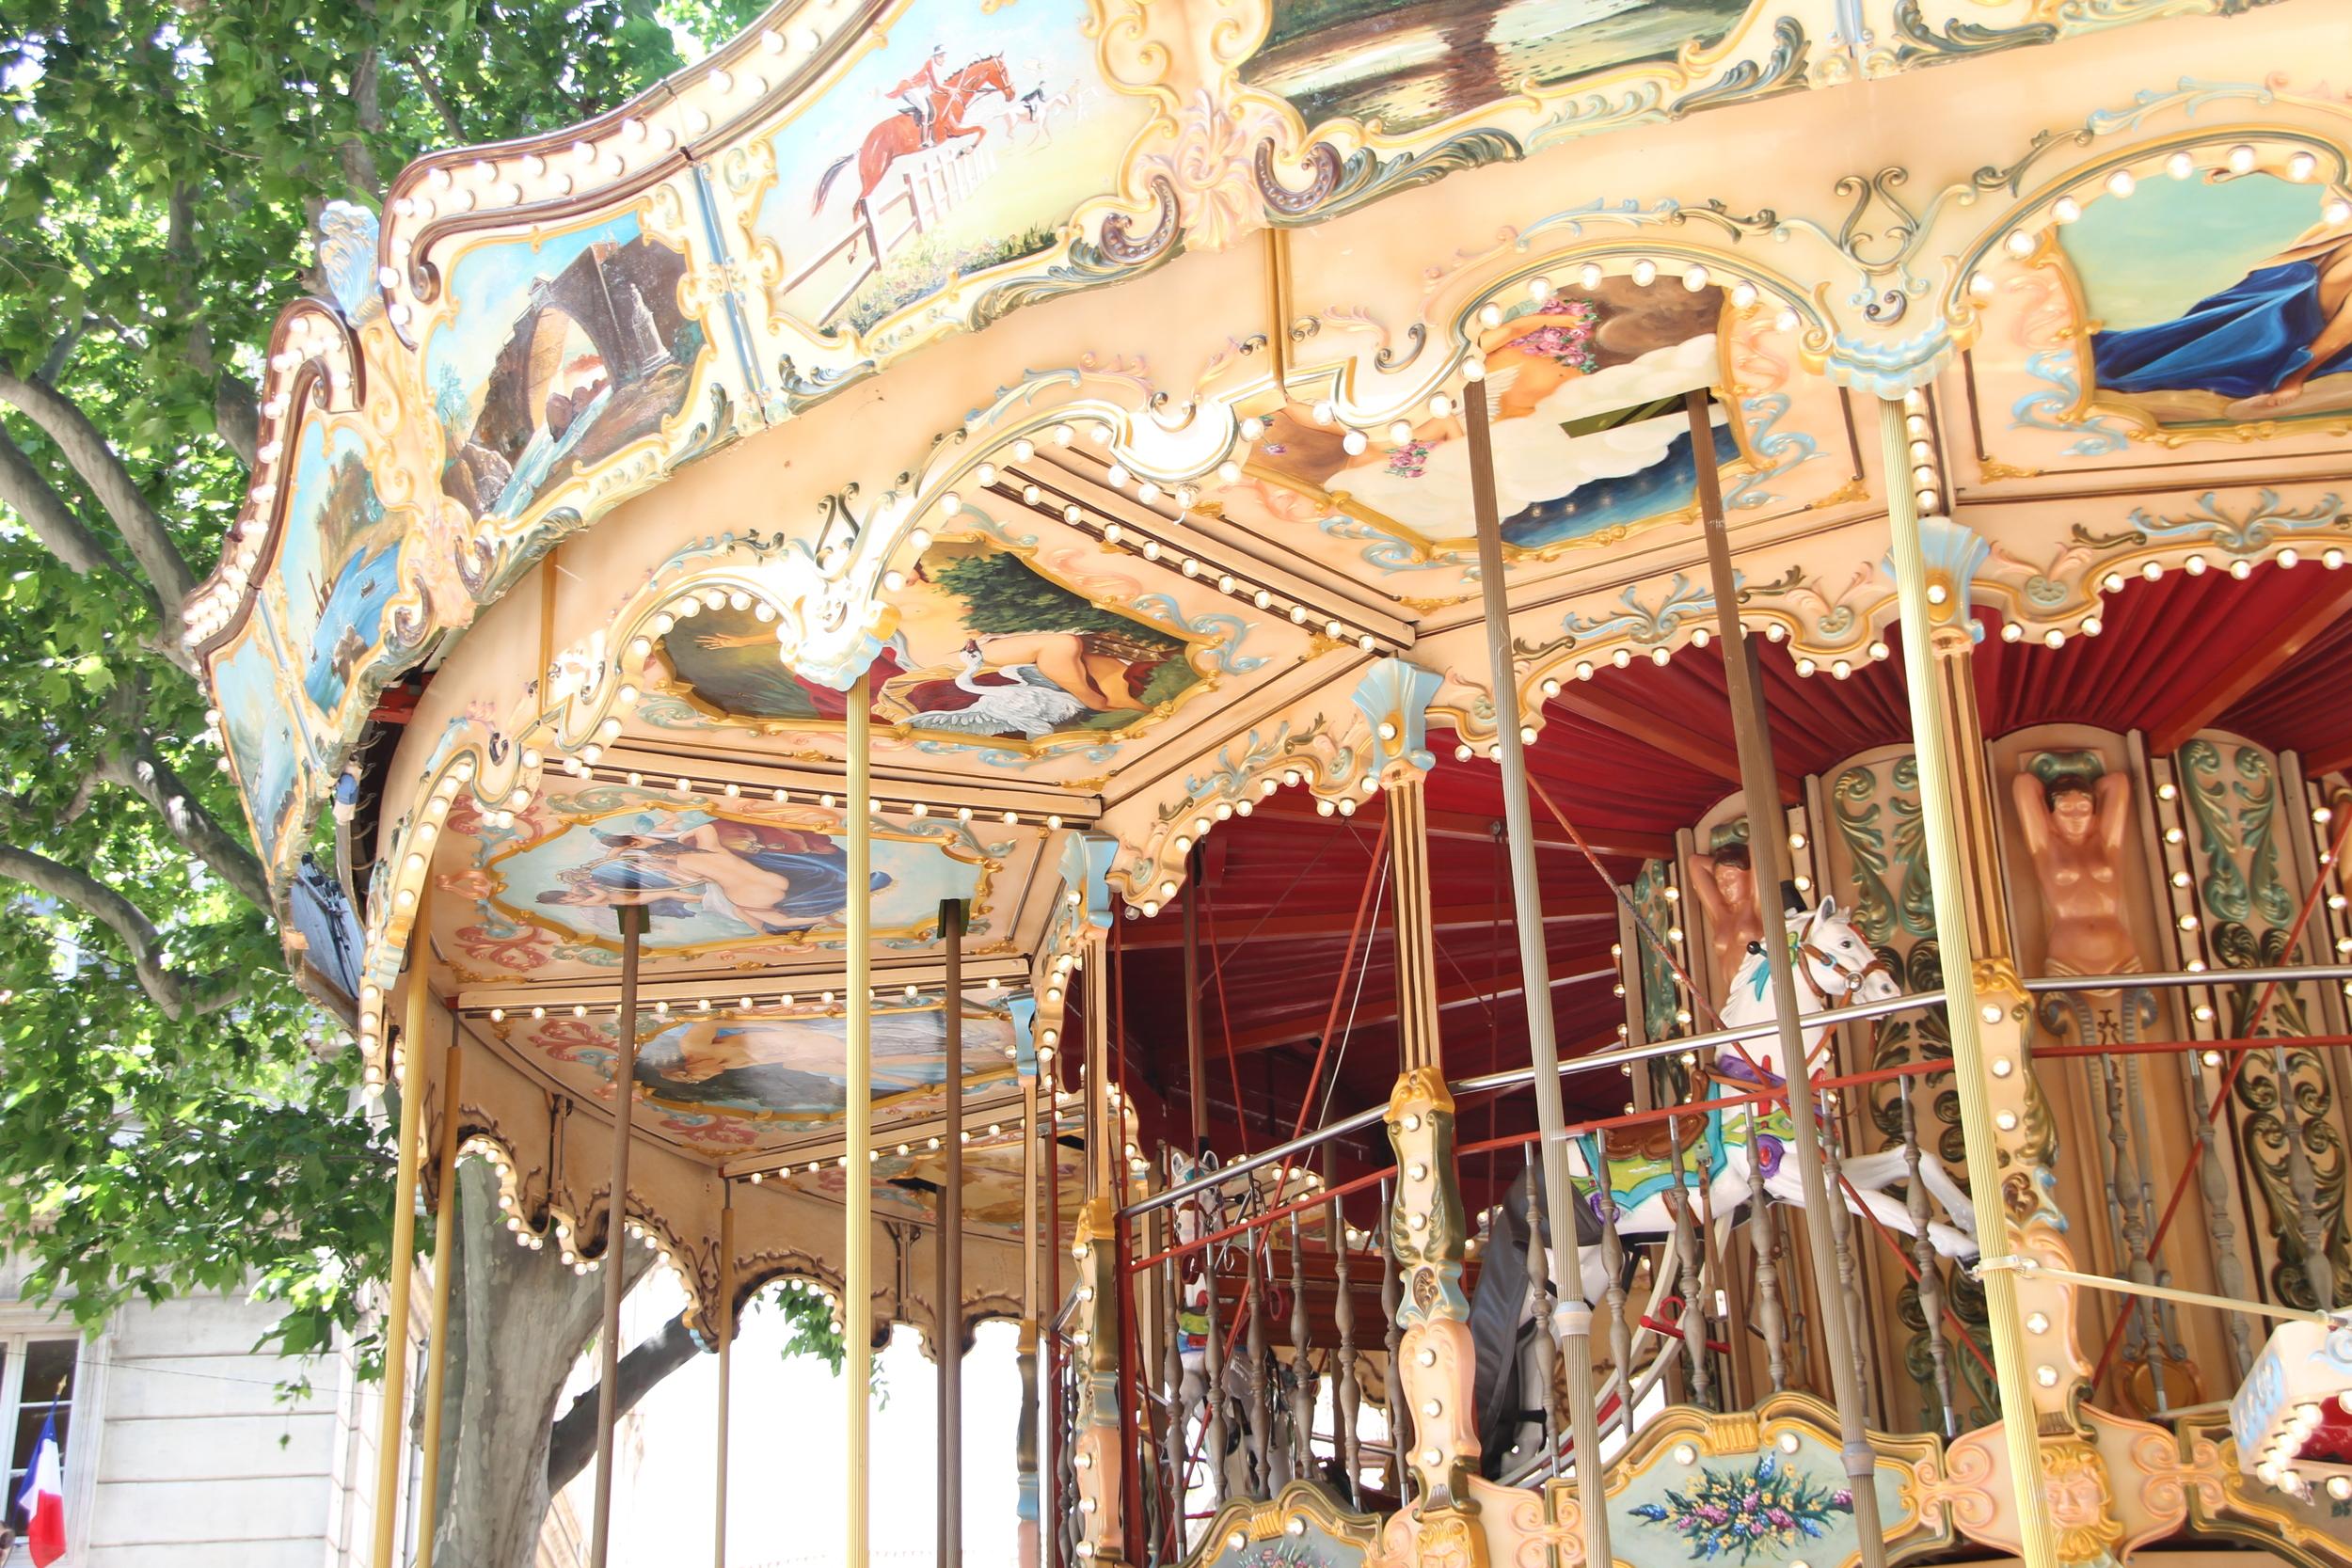 Carrousel detail, Place de l'Horloge, Avignon.